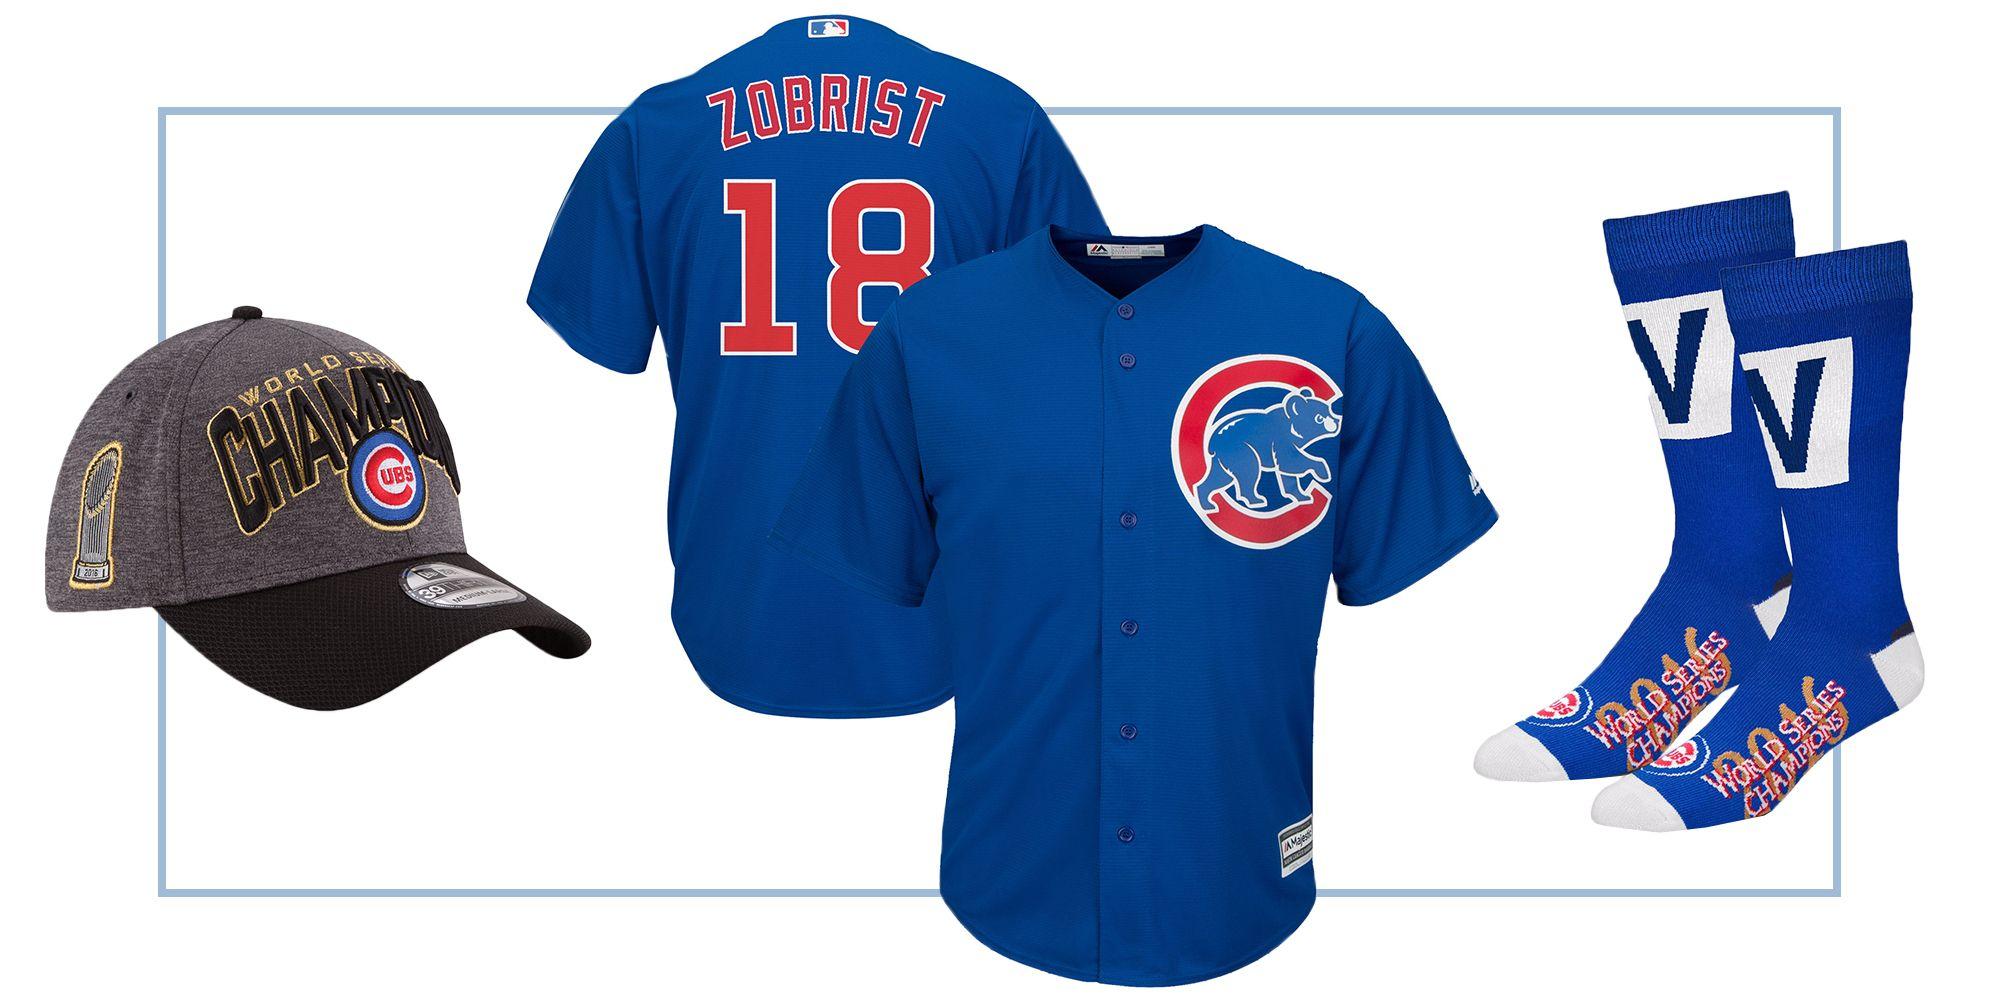 Cubs World Series Womens Shirts - Joe Maloy 15371d873a